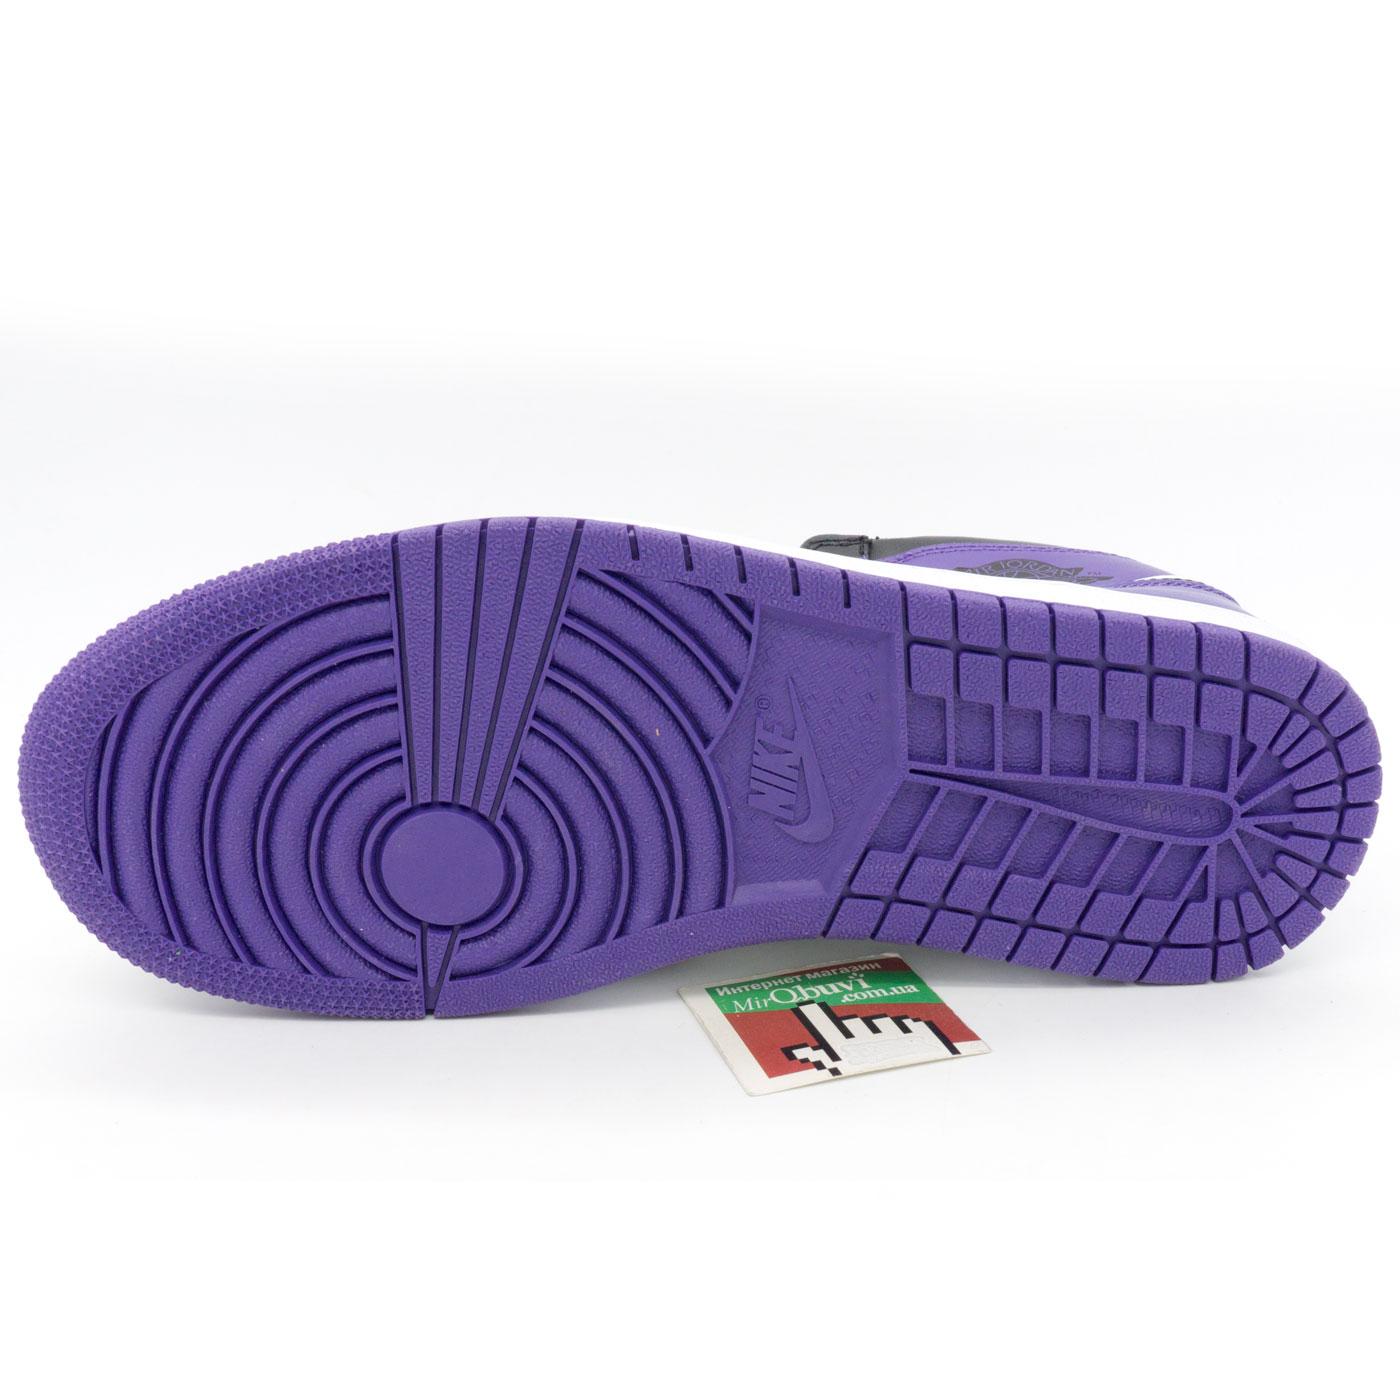 фото back Высокие черные c фиолетовым кроссовки Nike Air Jordan 1 . Топ качество! back